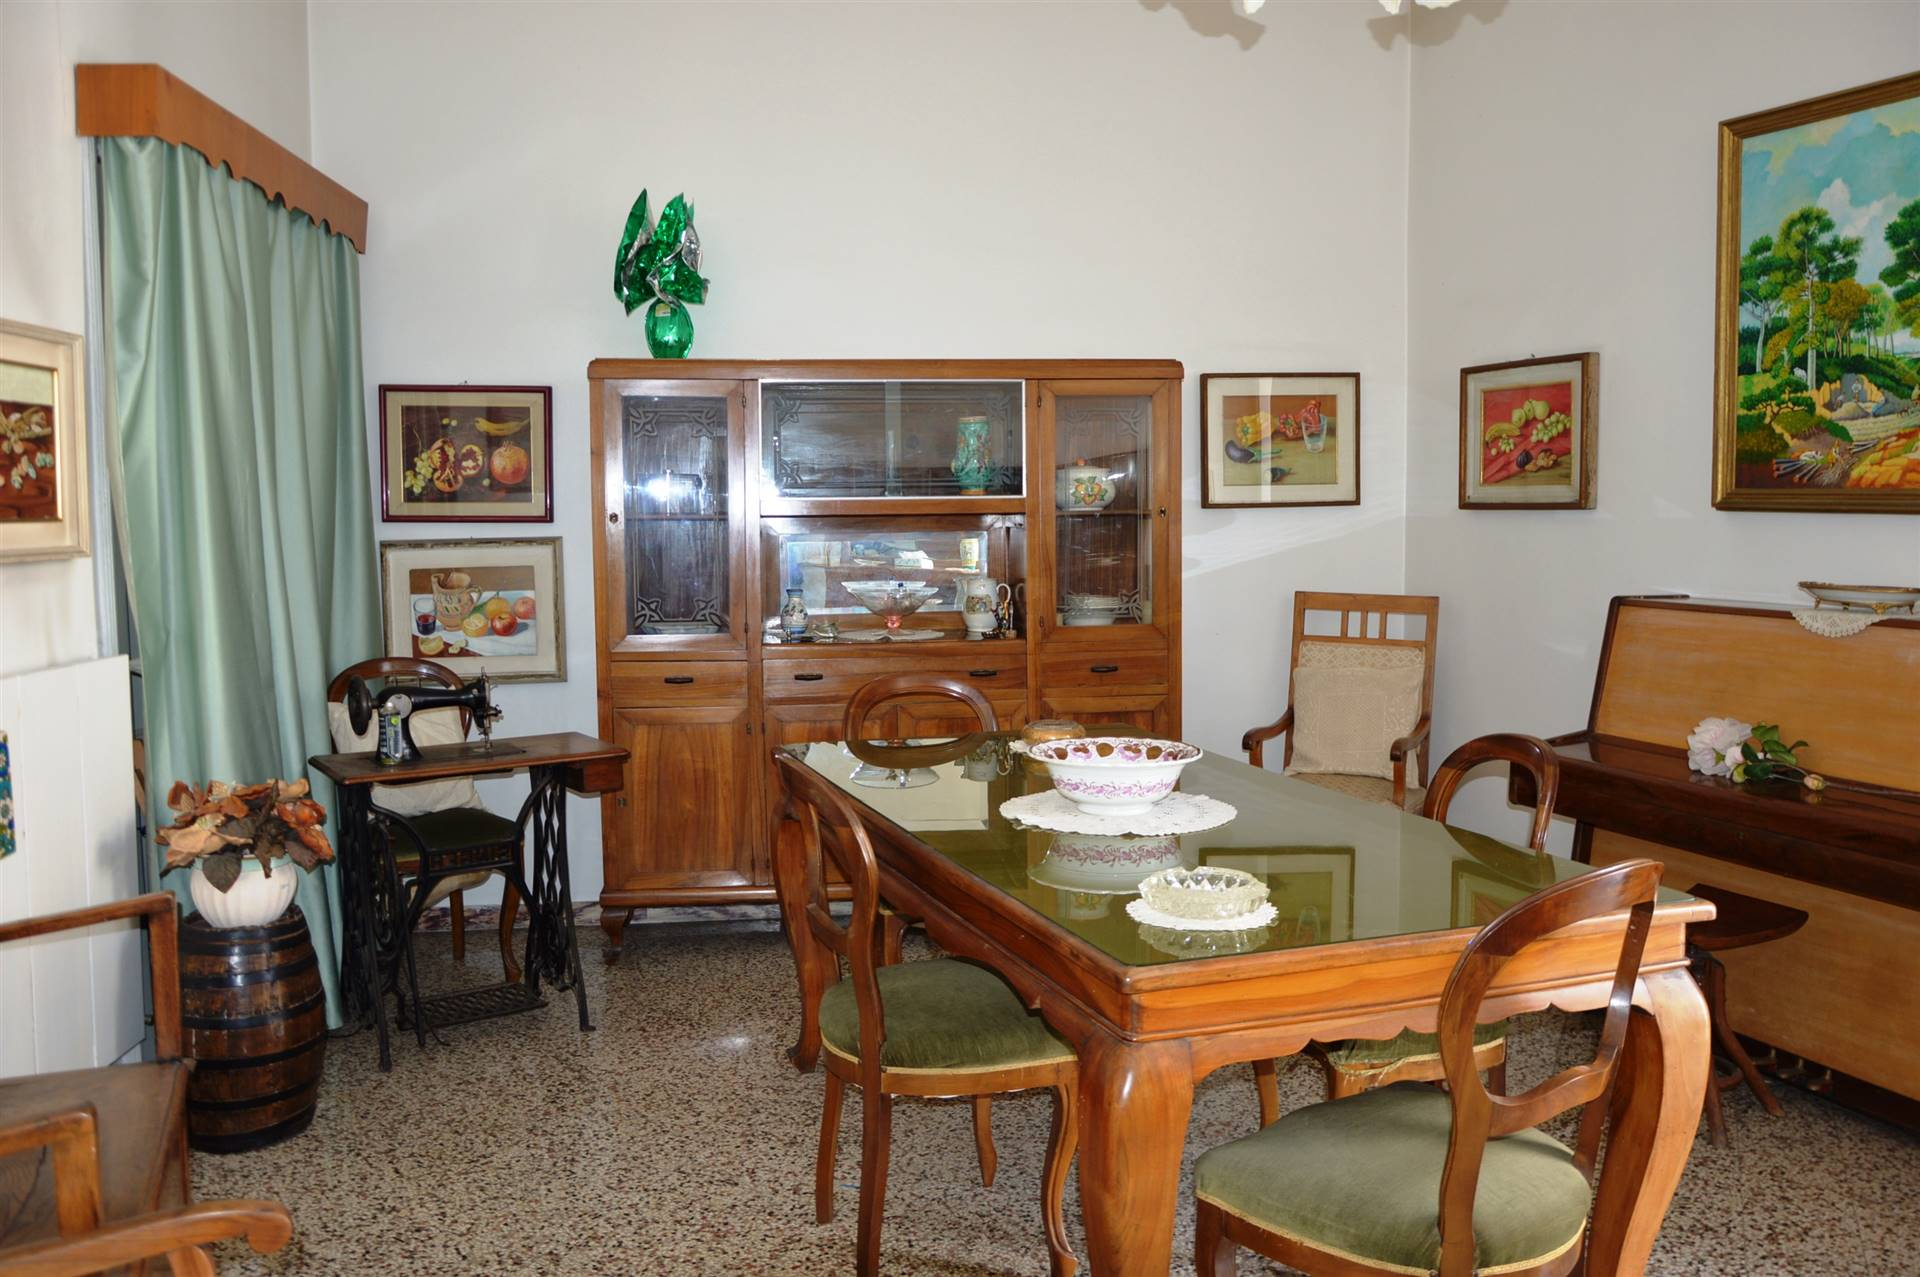 Appartamento in vendita a Salerno, 5 locali, zona Zona: Centro, prezzo € 690.000   CambioCasa.it